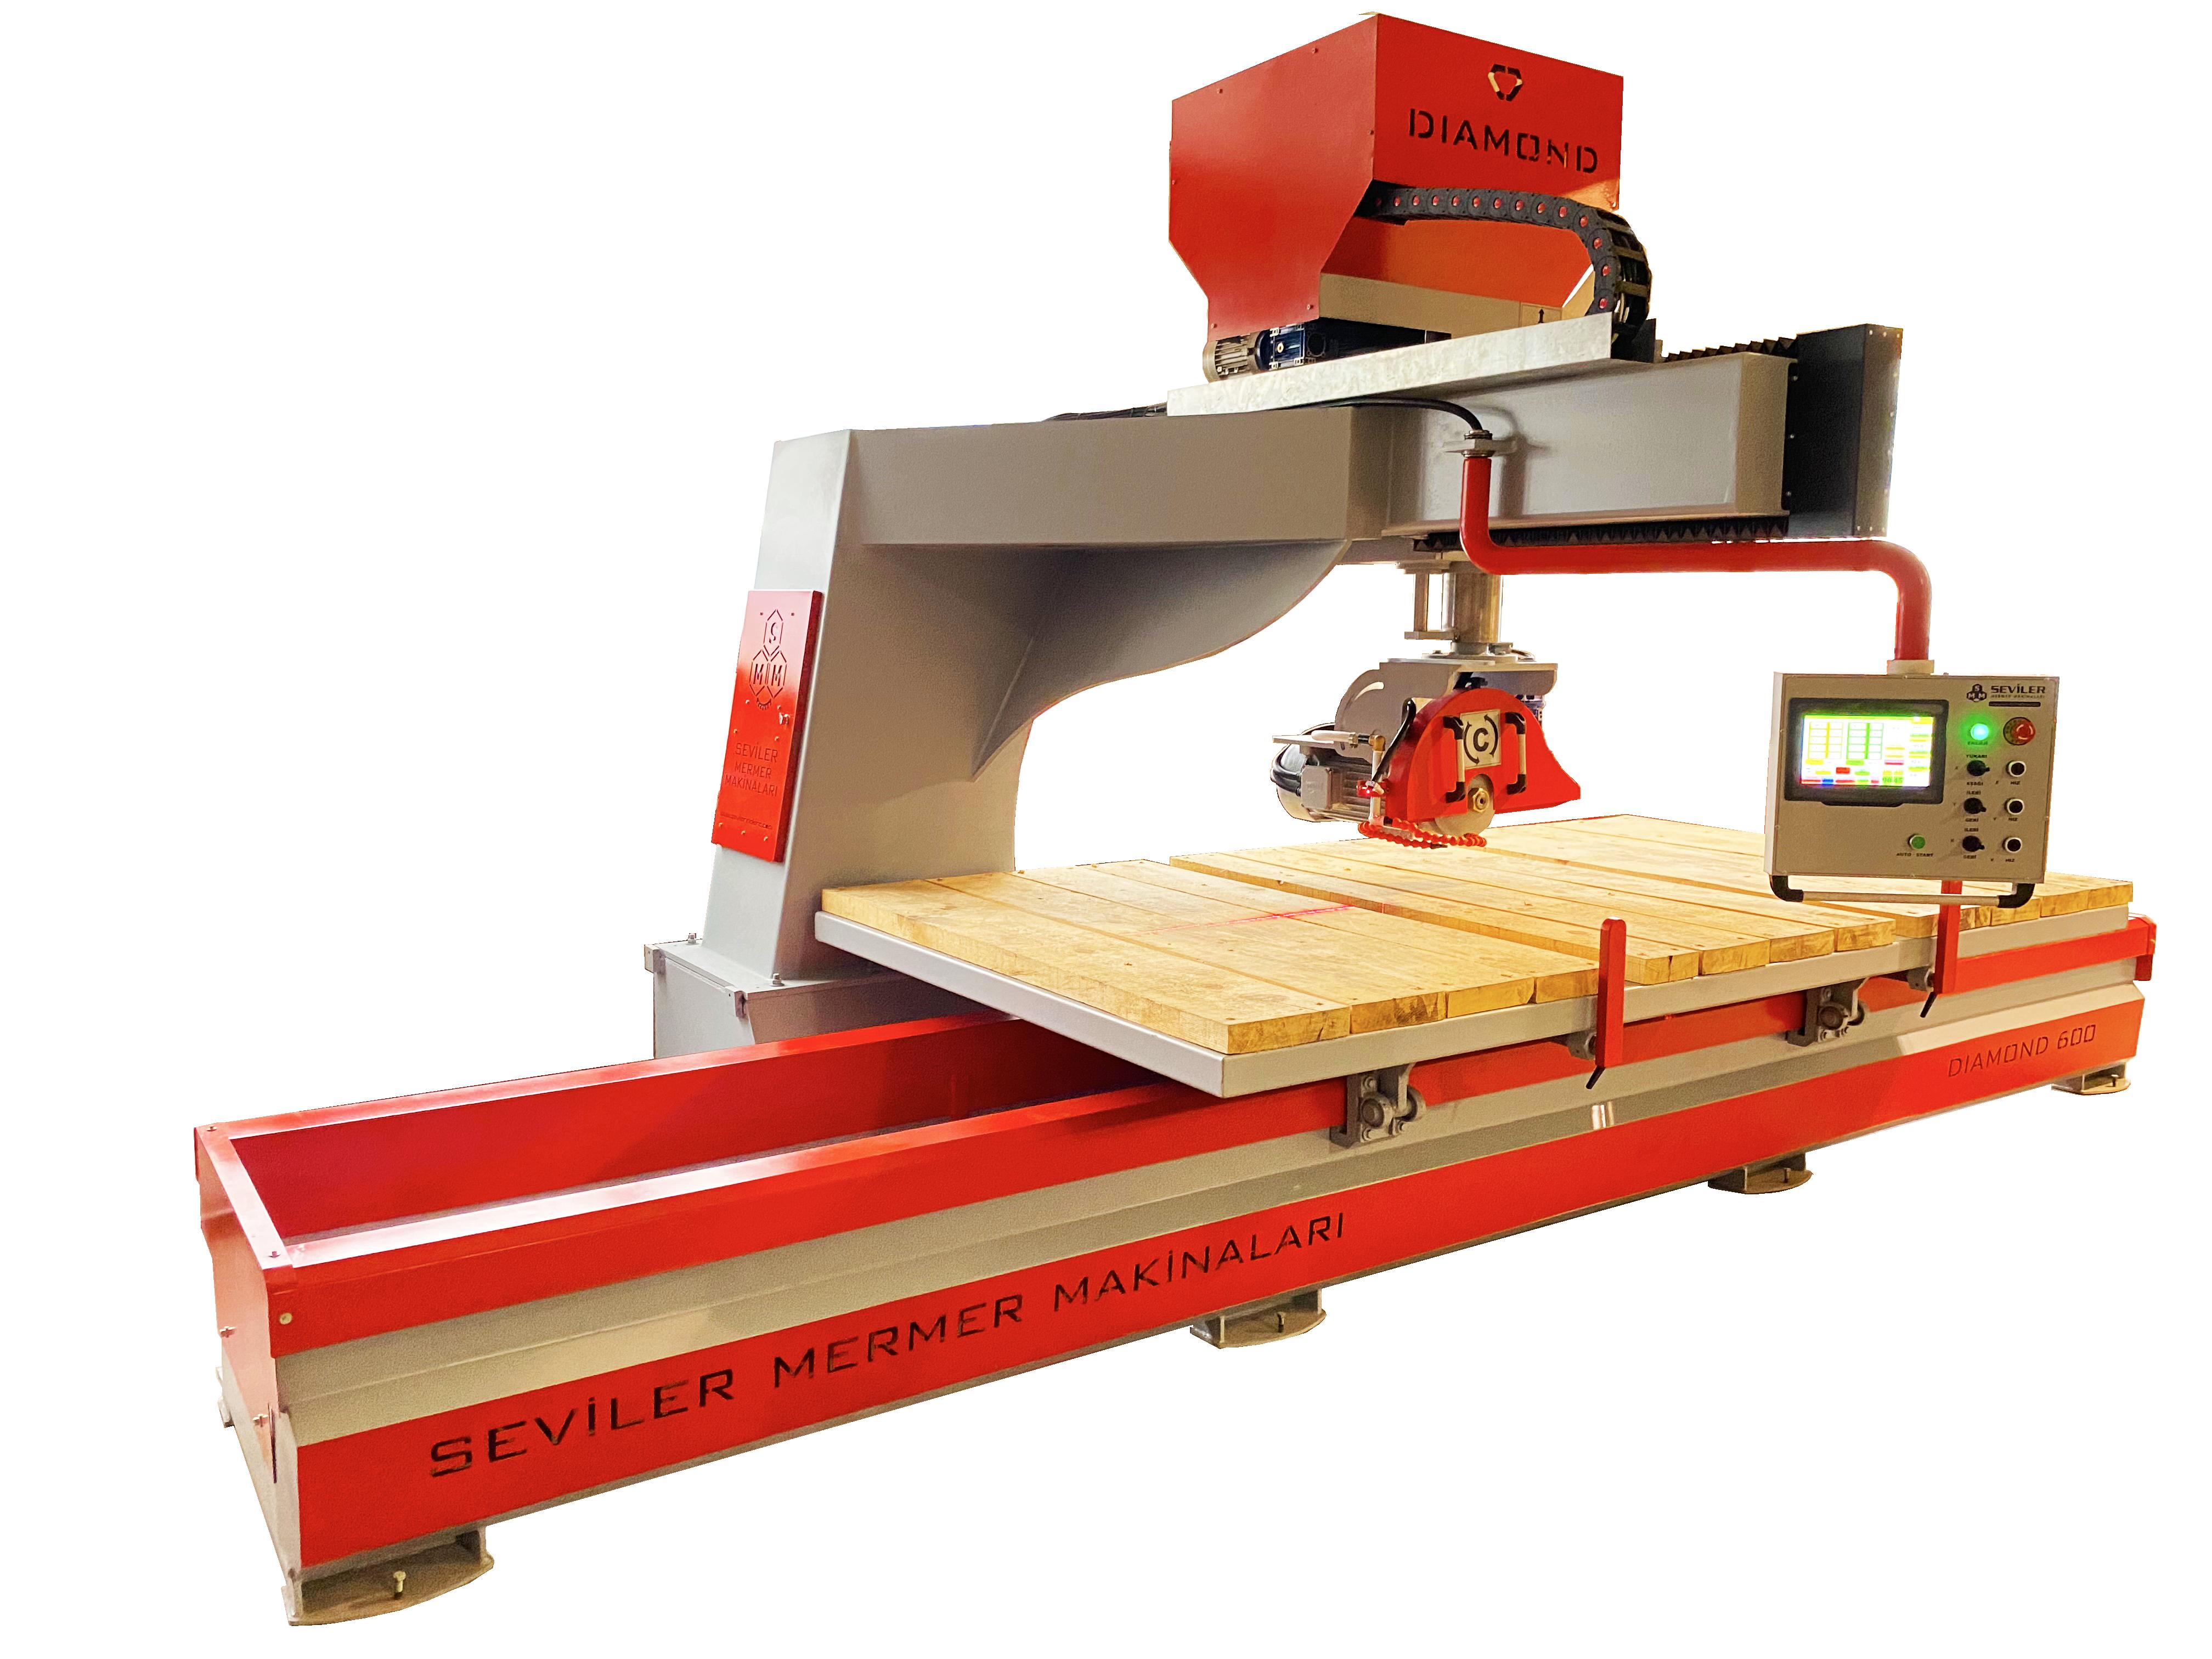 Bursa'da Mermer Makinaları imalatı eden ve dünyanın her noktasına makina İhracatı yapan Seviler Mermer Makinaları 30 Yılı aşkın süredir hizmetinizde.